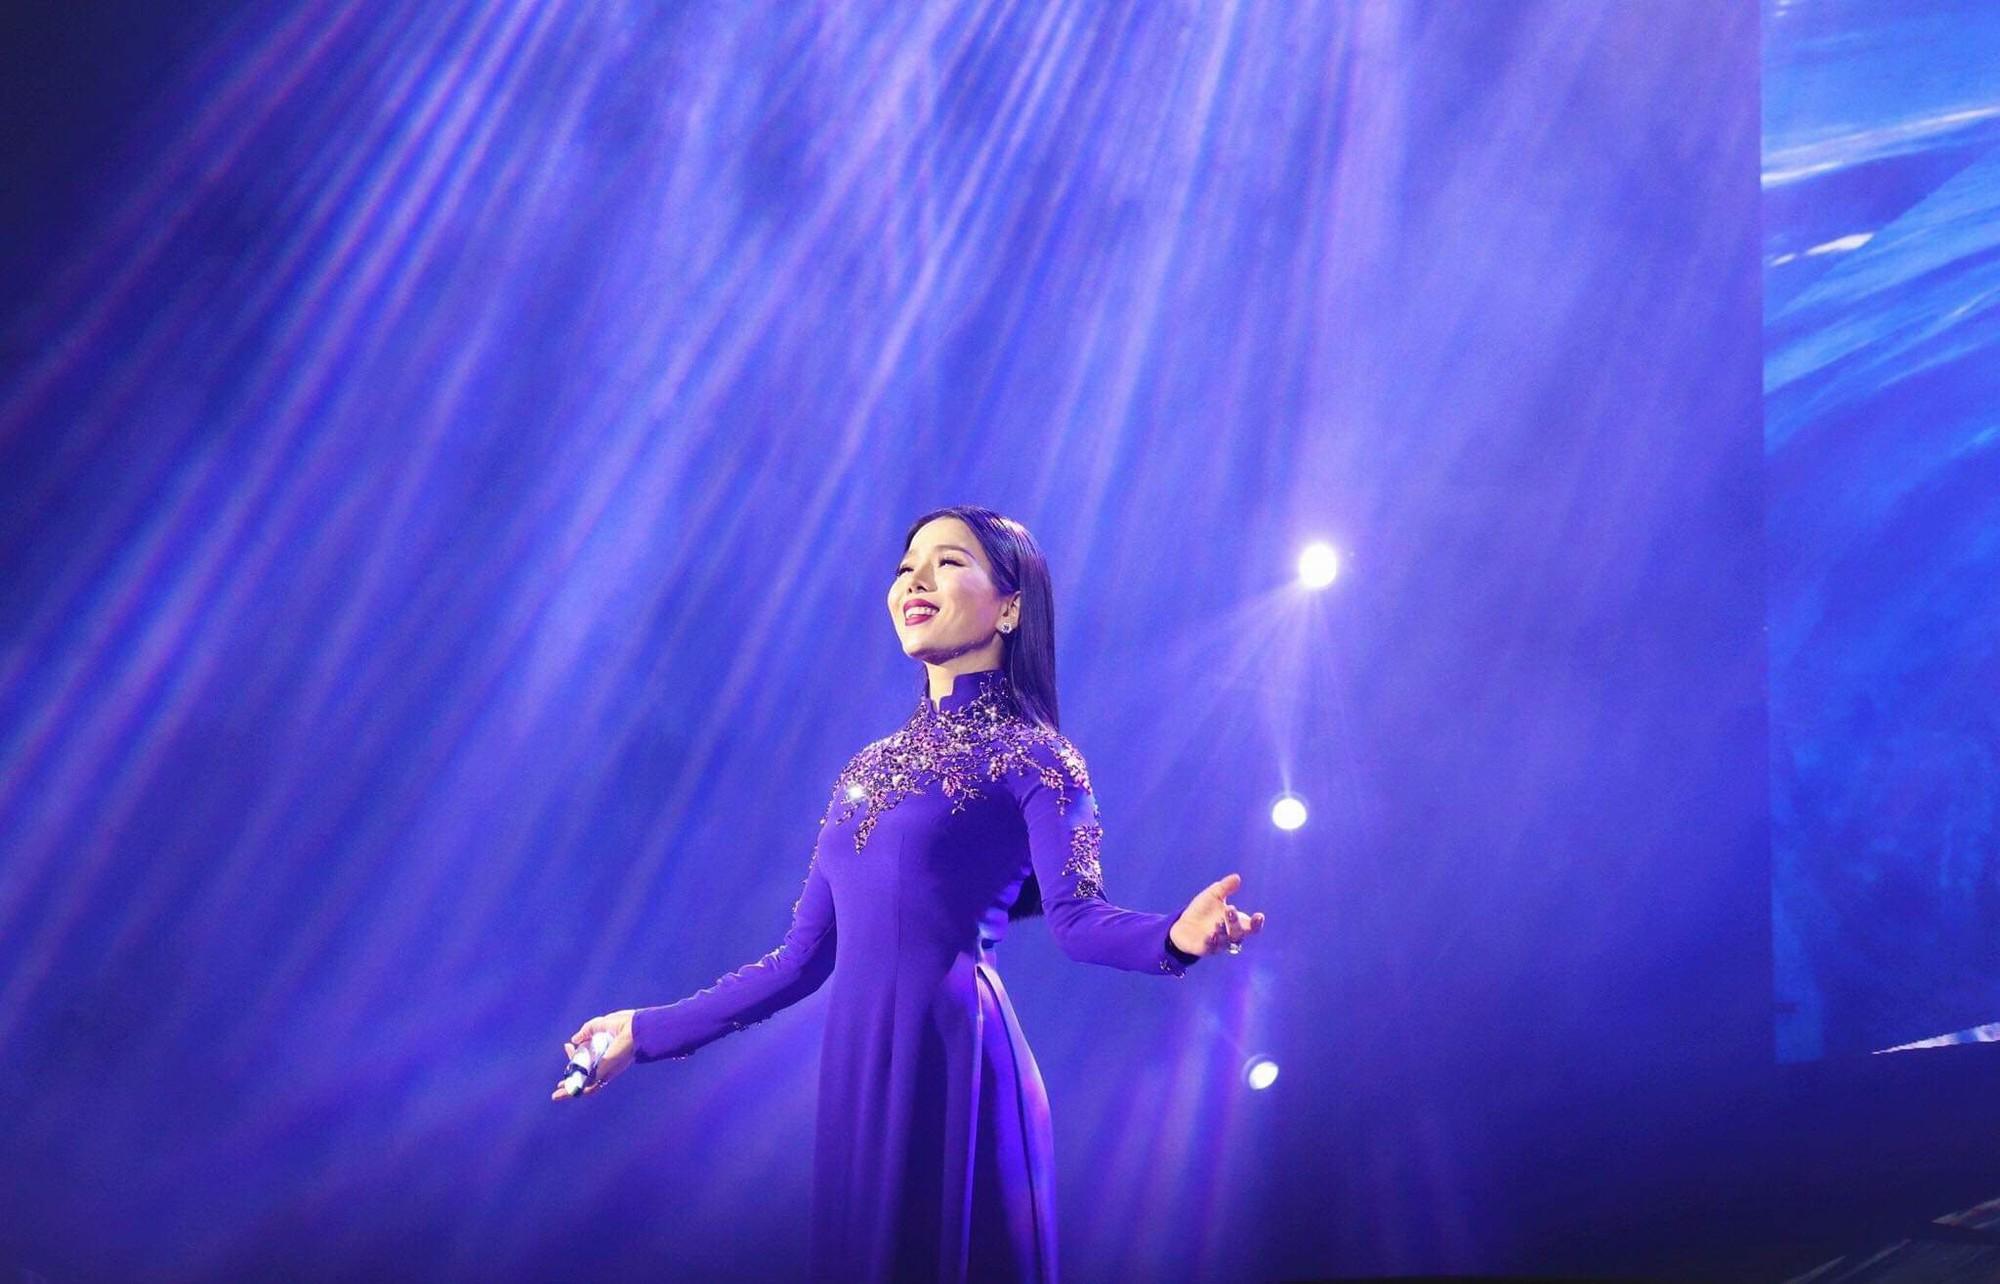 Lệ Quyên chi 4 tỷ thực hiện album và MV mới, đầu tư vé dát vàng cho liveshow - Ảnh 1.